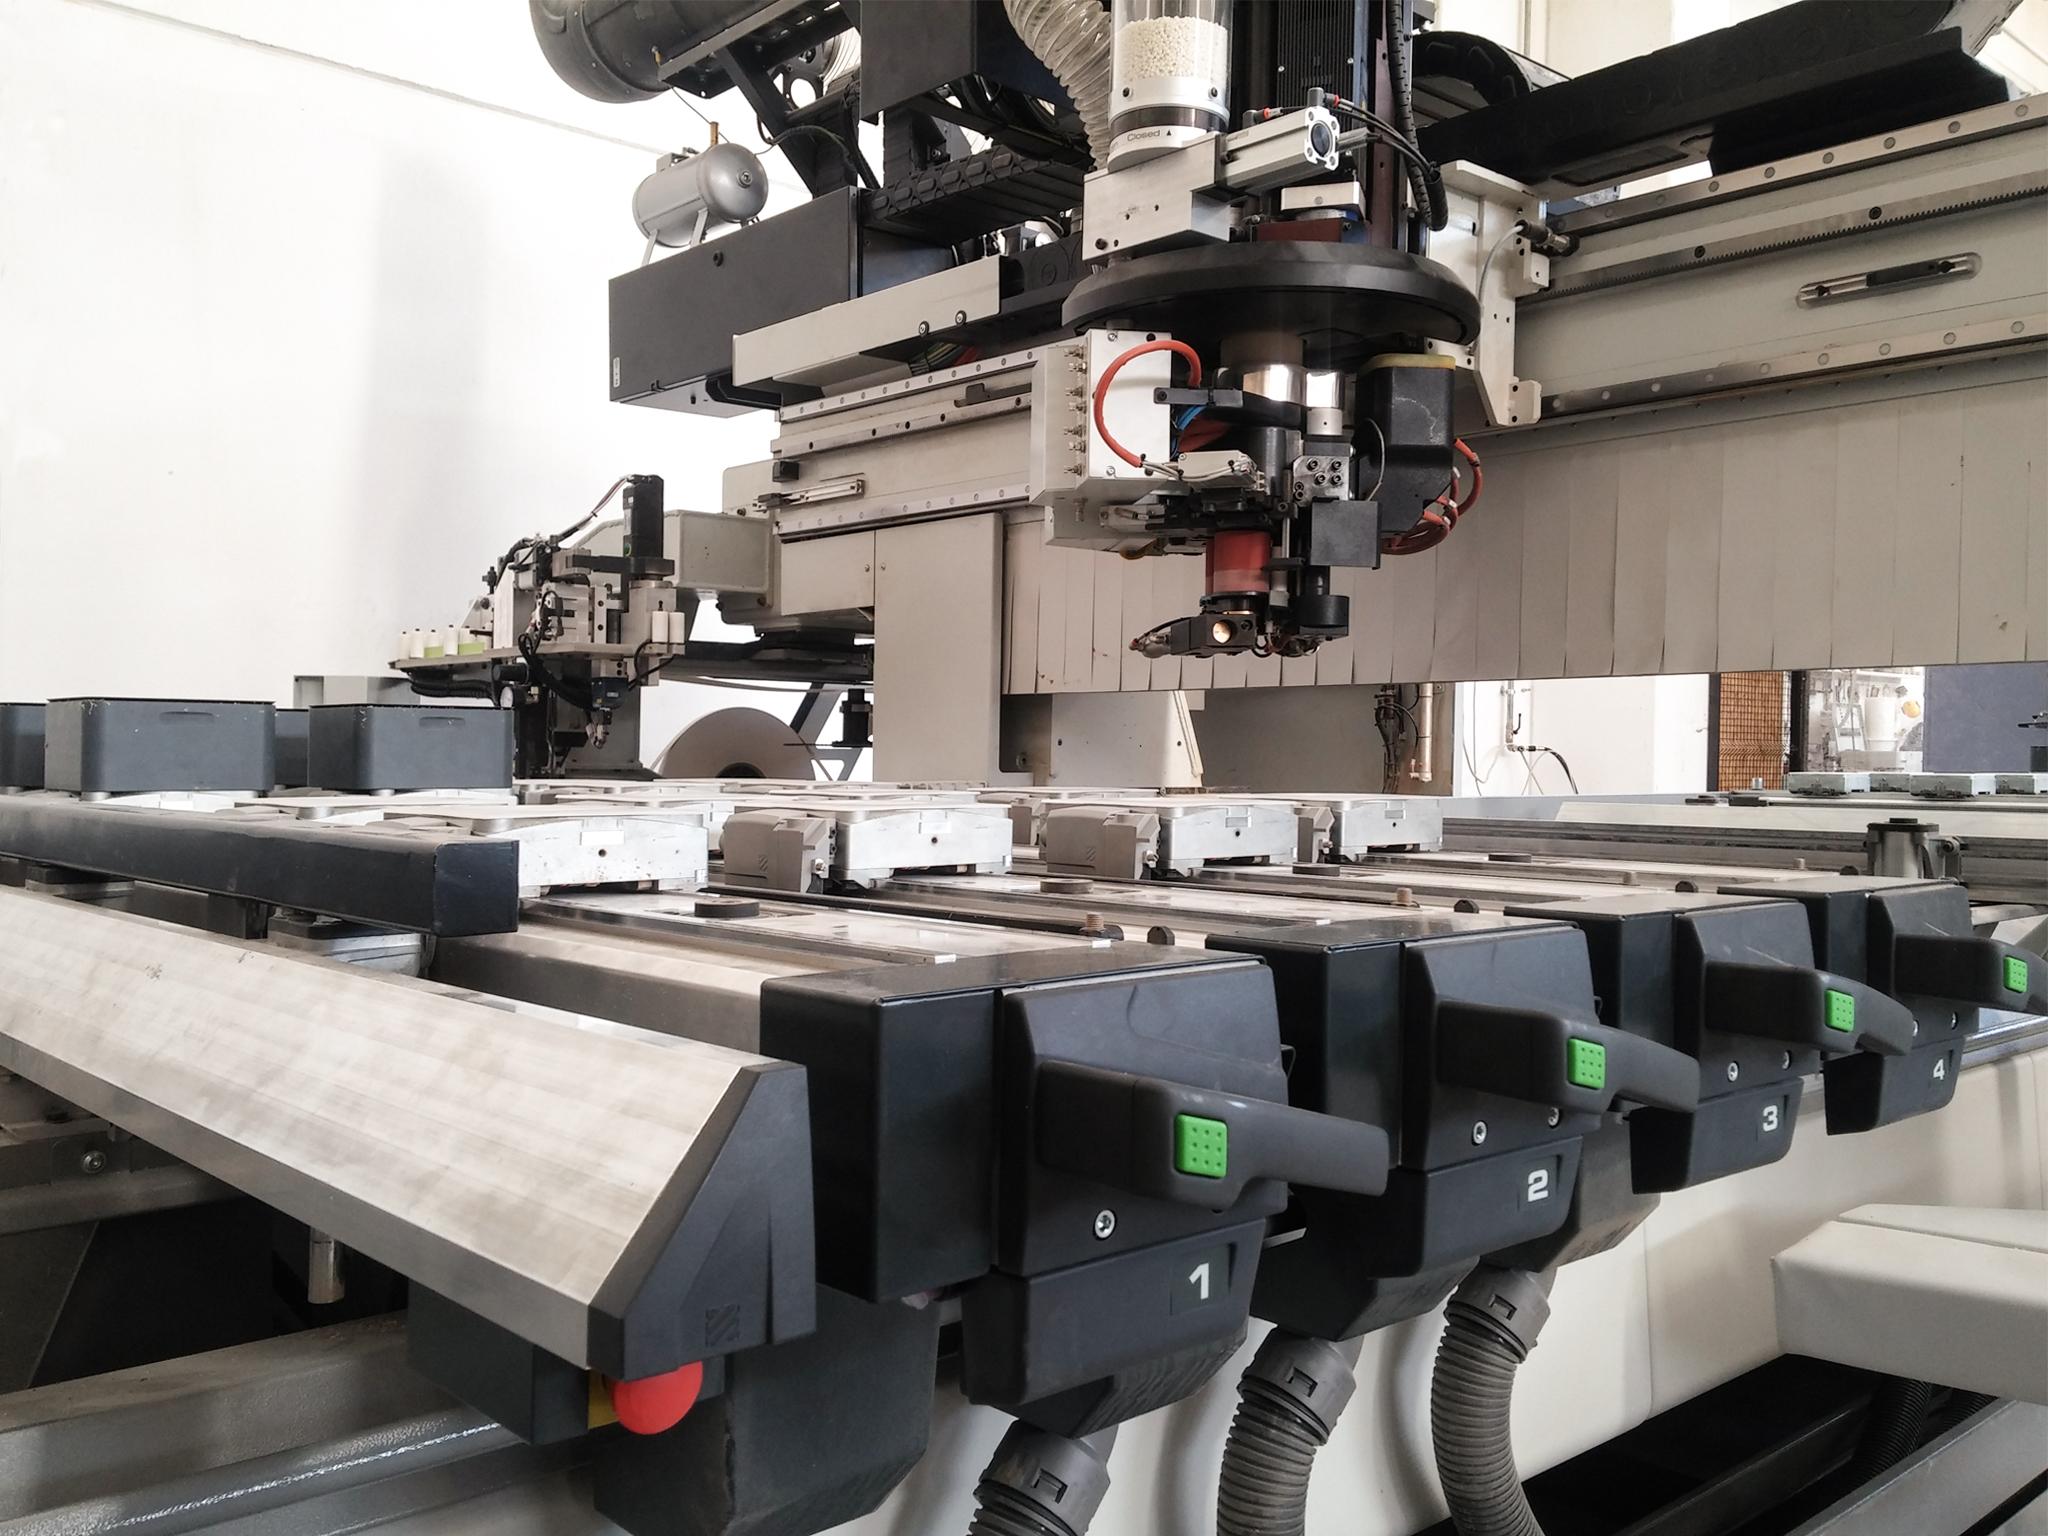 Centro di lavoro CNC 5 assi - Grazie ai nostri macchinari di nuova generazione è possibile realizzare qualsiasi forma voi possiate immaginare